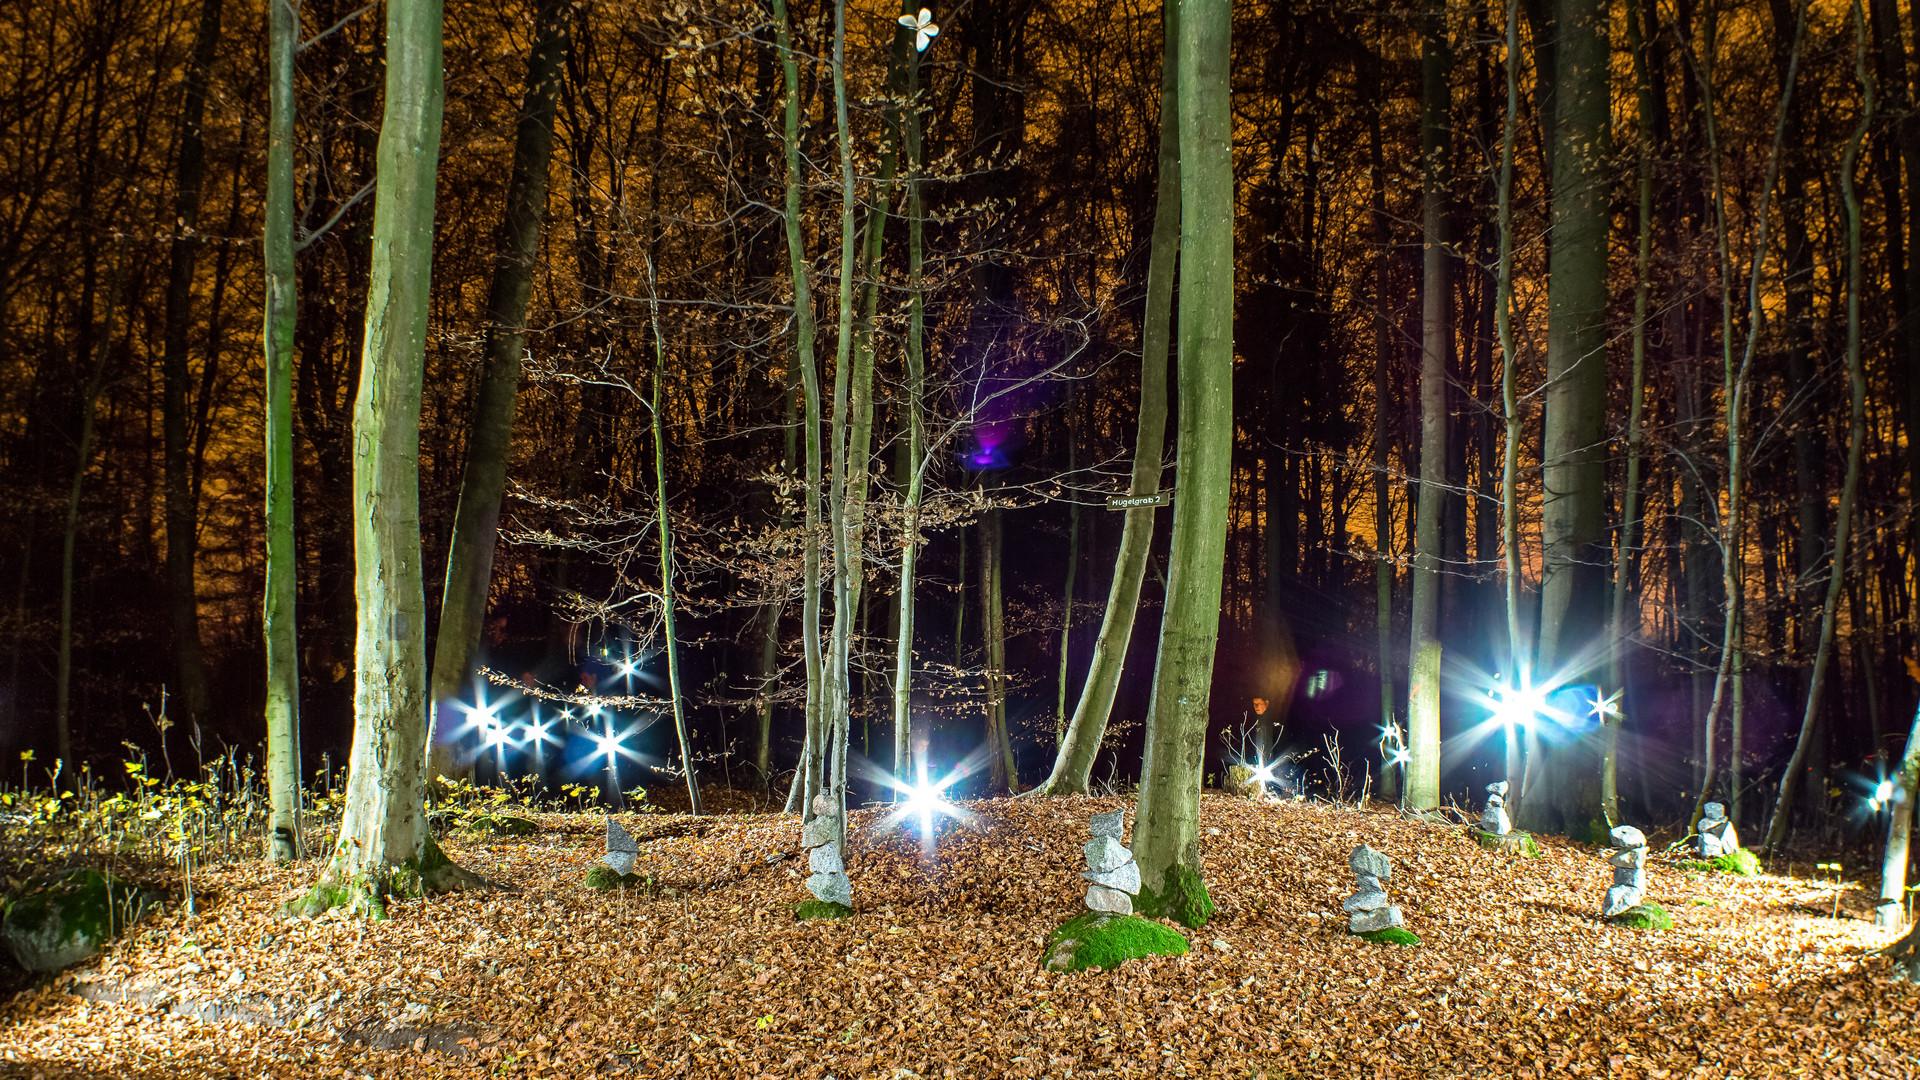 Keltisches Hügelgrab bei Nacht